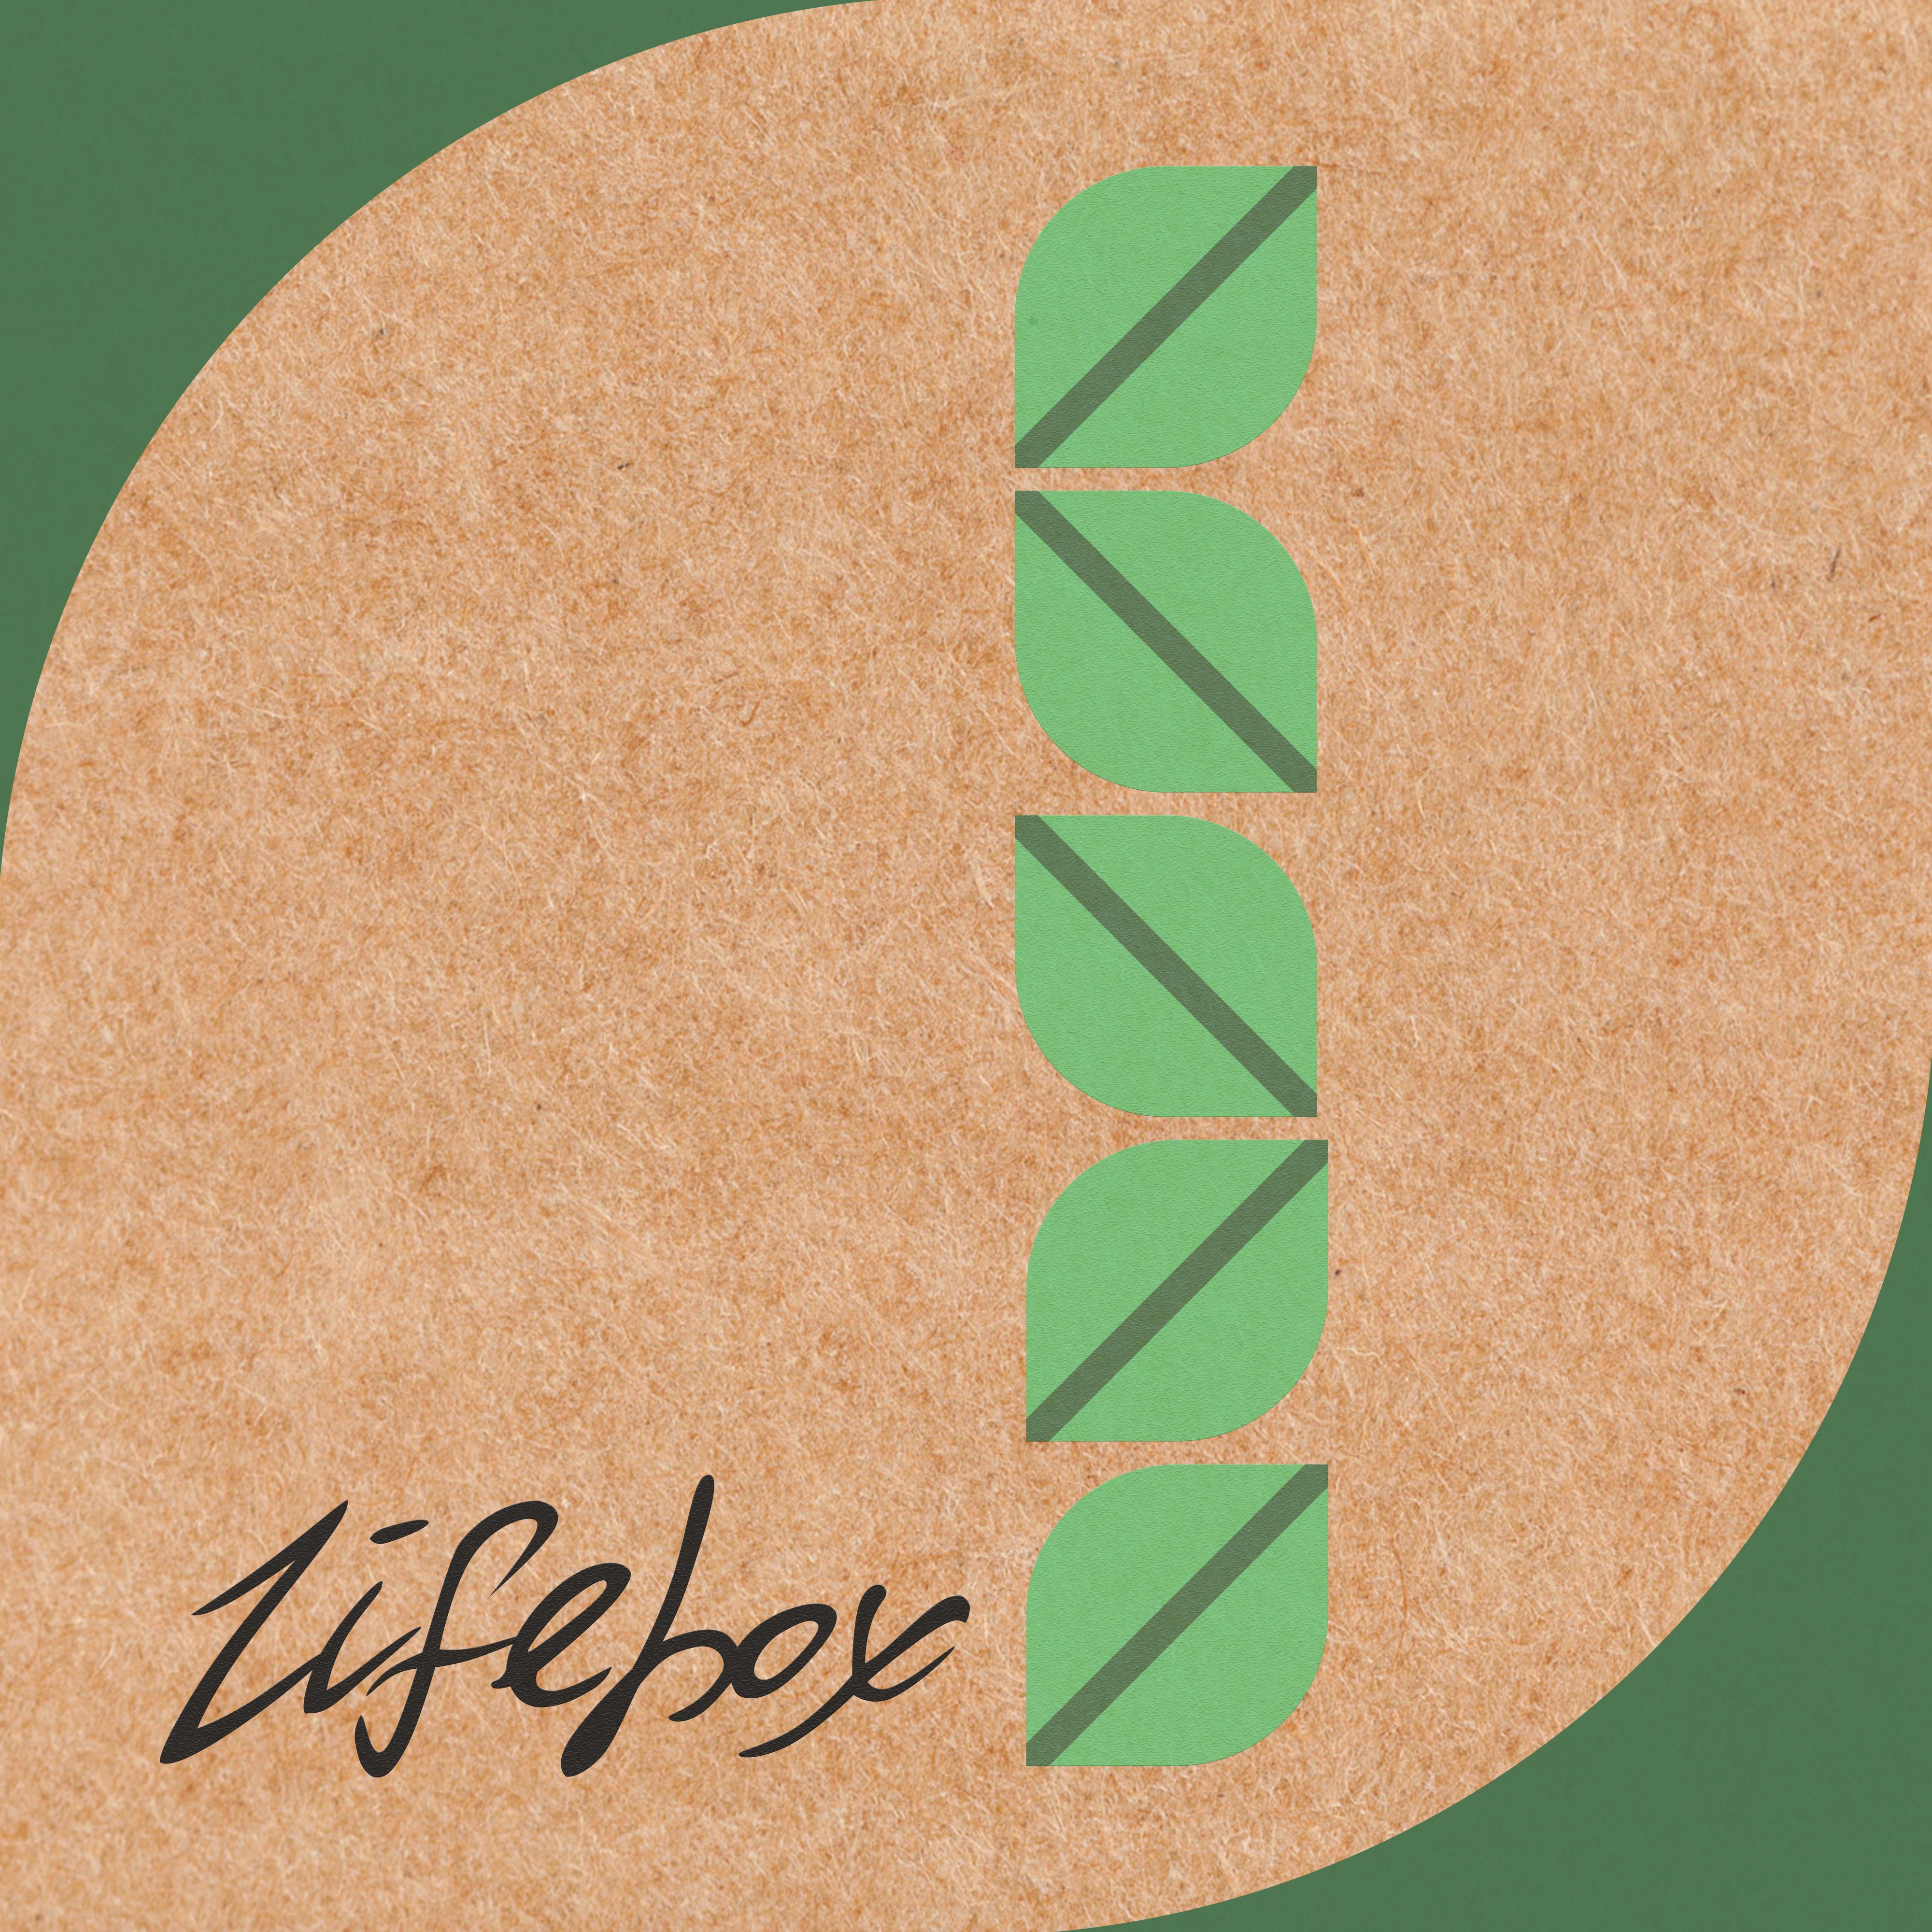 Разработка Логотипа. Победитель получит расширеный заказ  фото f_2765c26be2b375bd.jpg